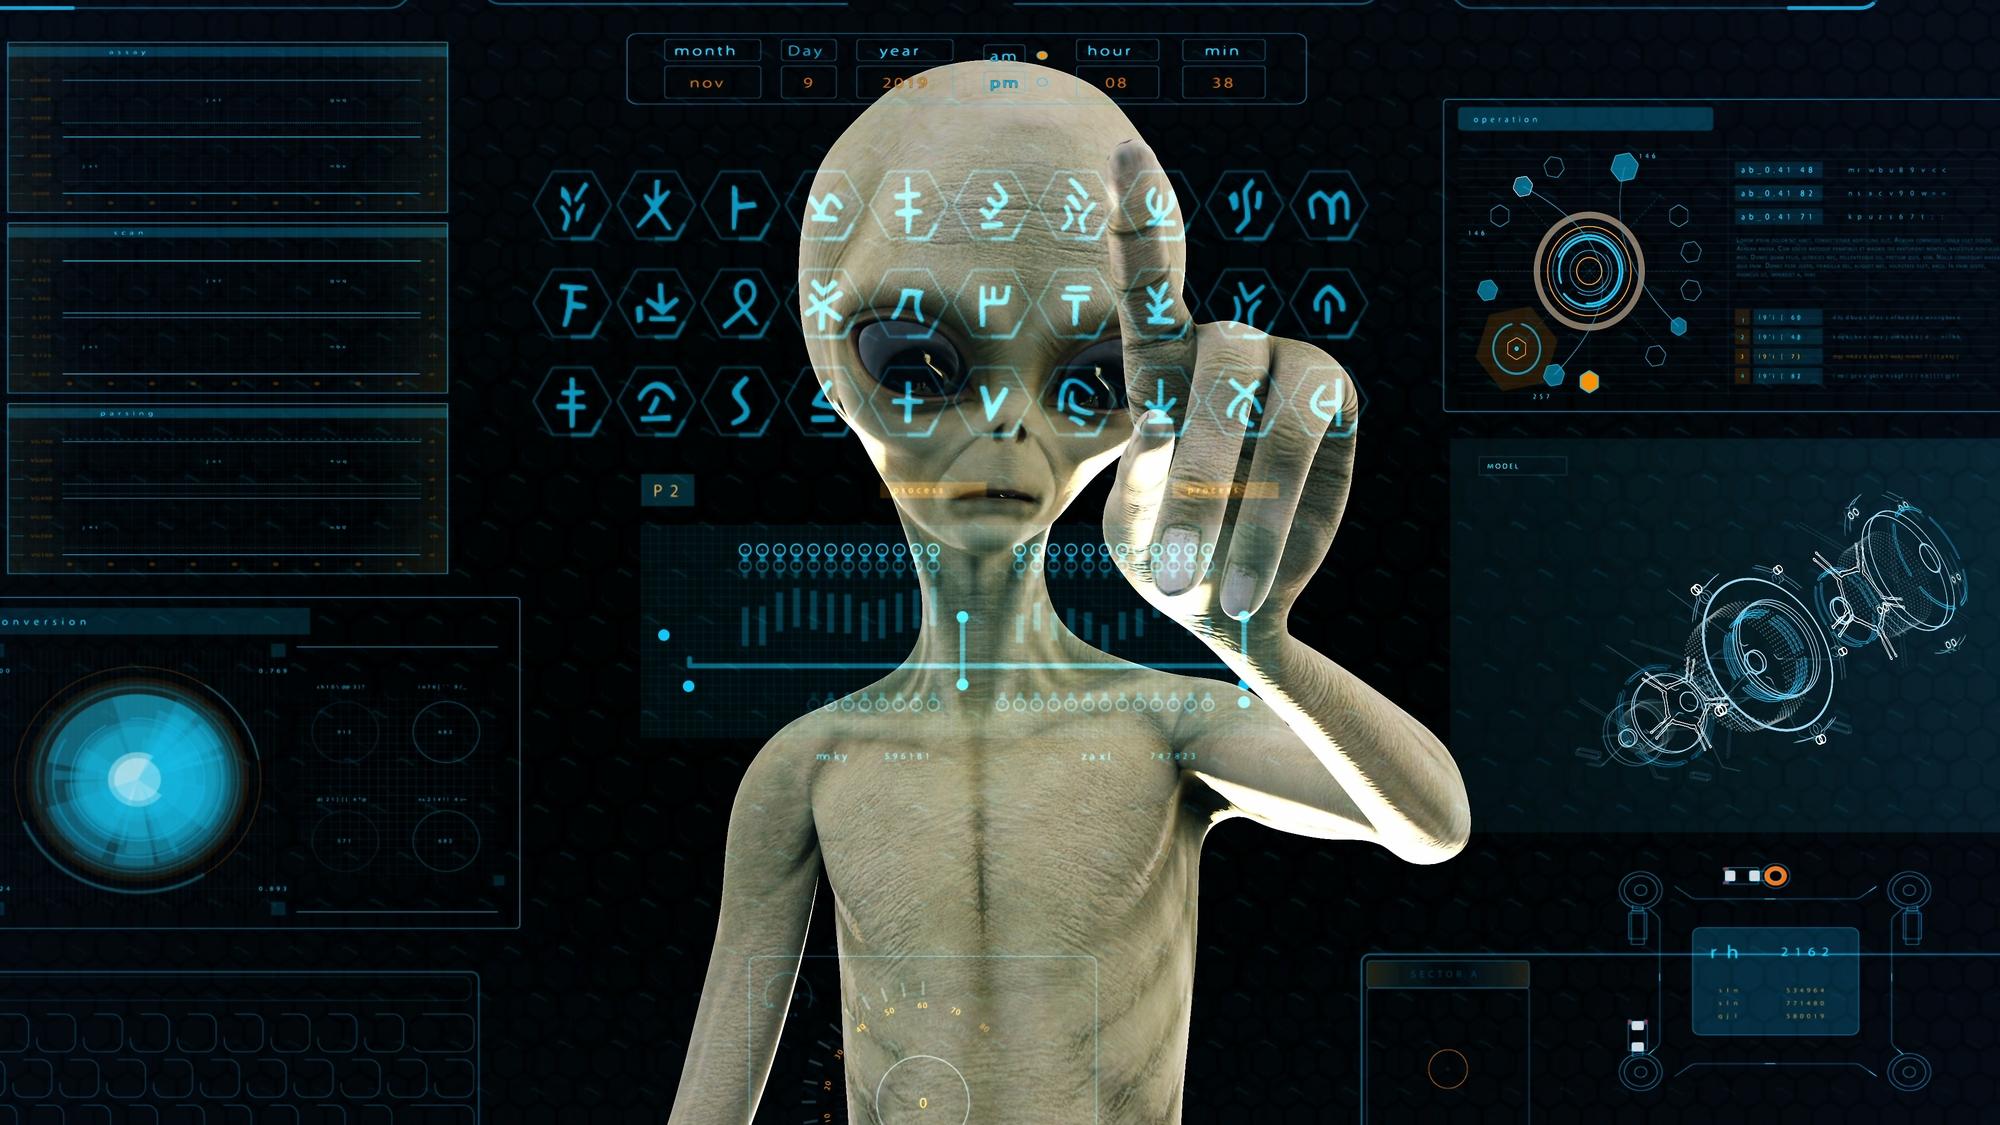 宇宙人はそこにいる。あなたを見ている!? あなたも宇宙人でしょ。